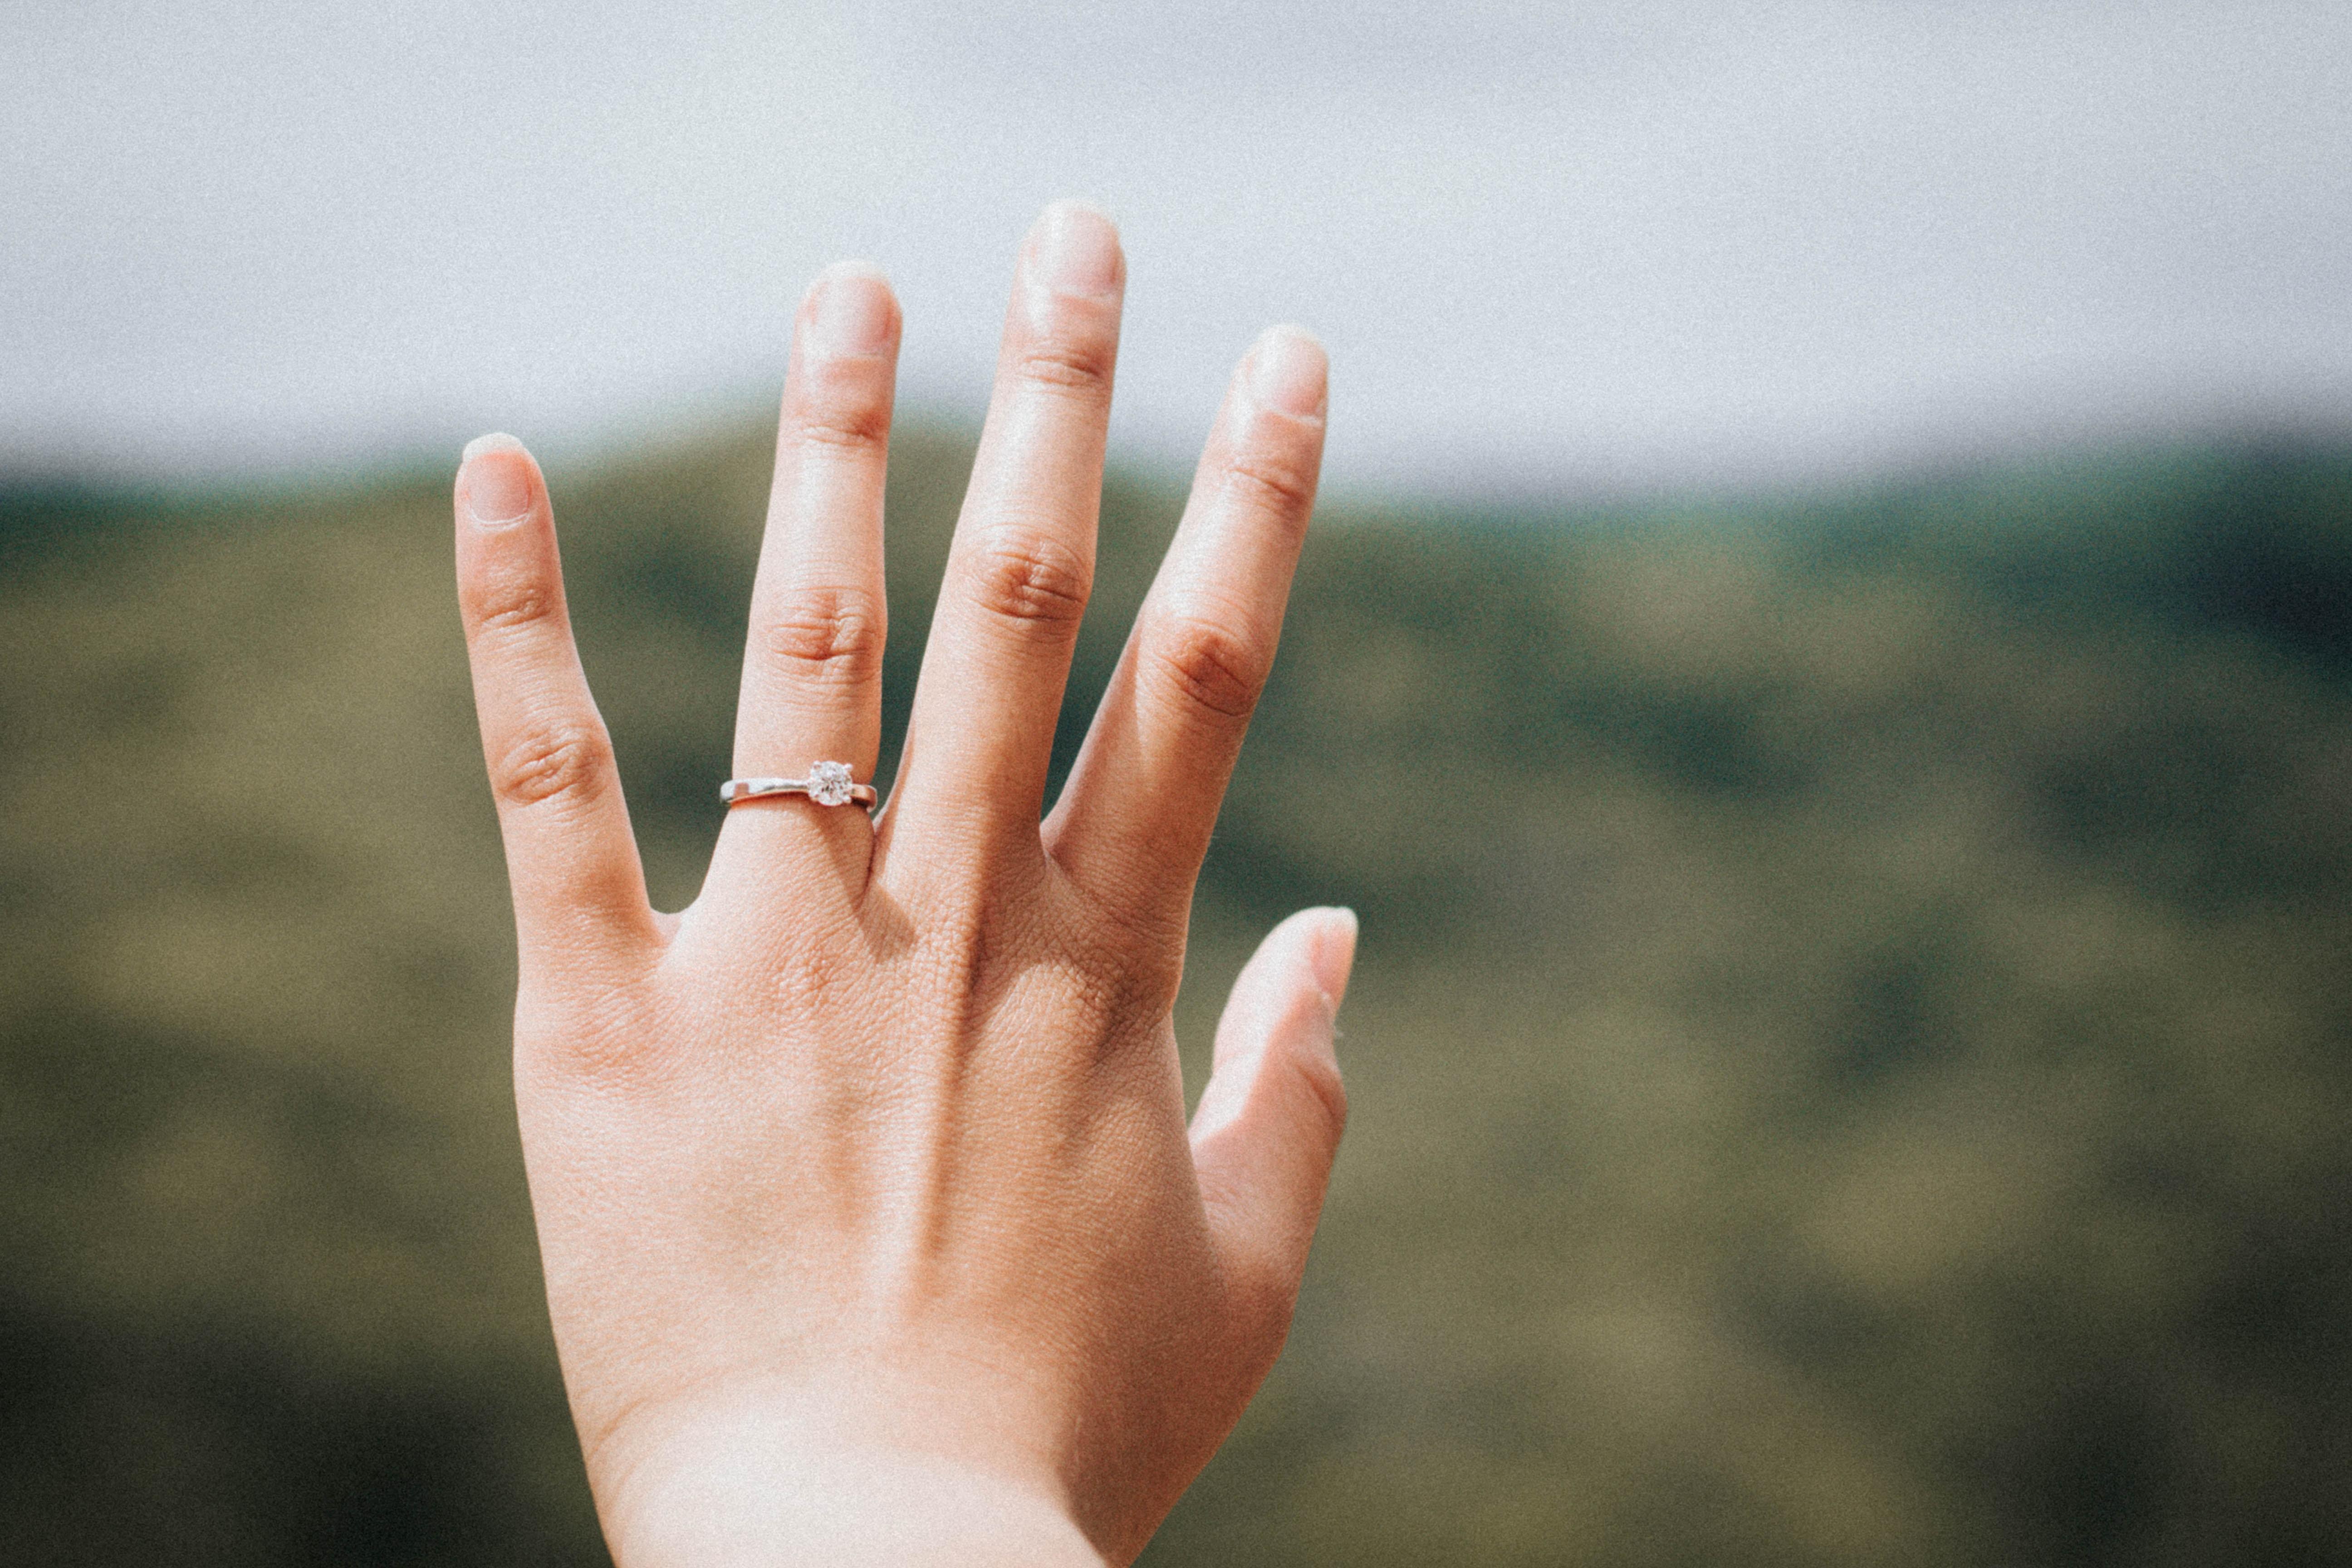 Girl finger photo 11